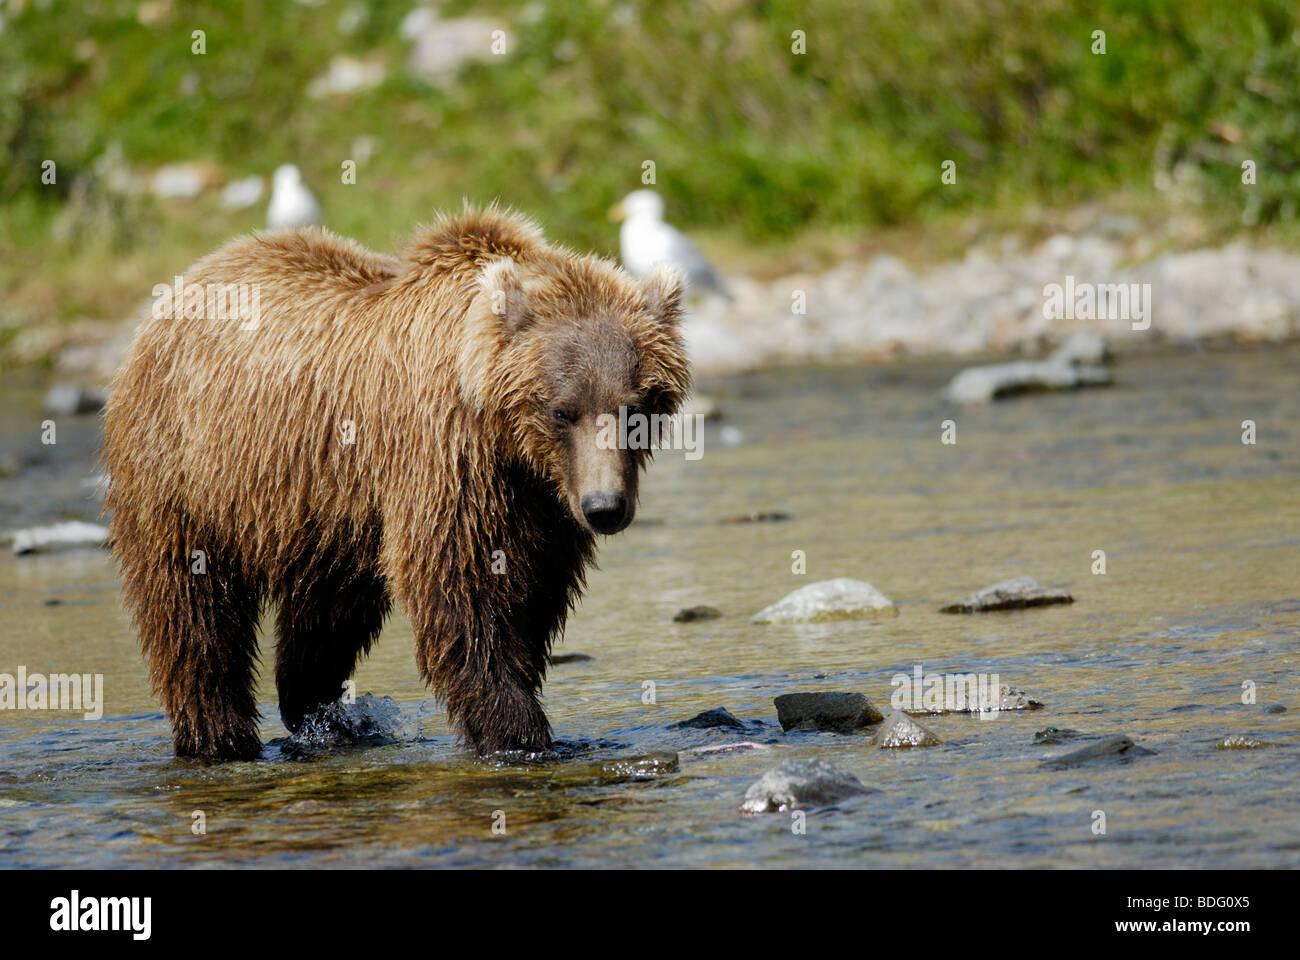 Ou l'ours brun ours brun, Ursus arctos horribilis, Katmai National Park, Alaska Banque D'Images